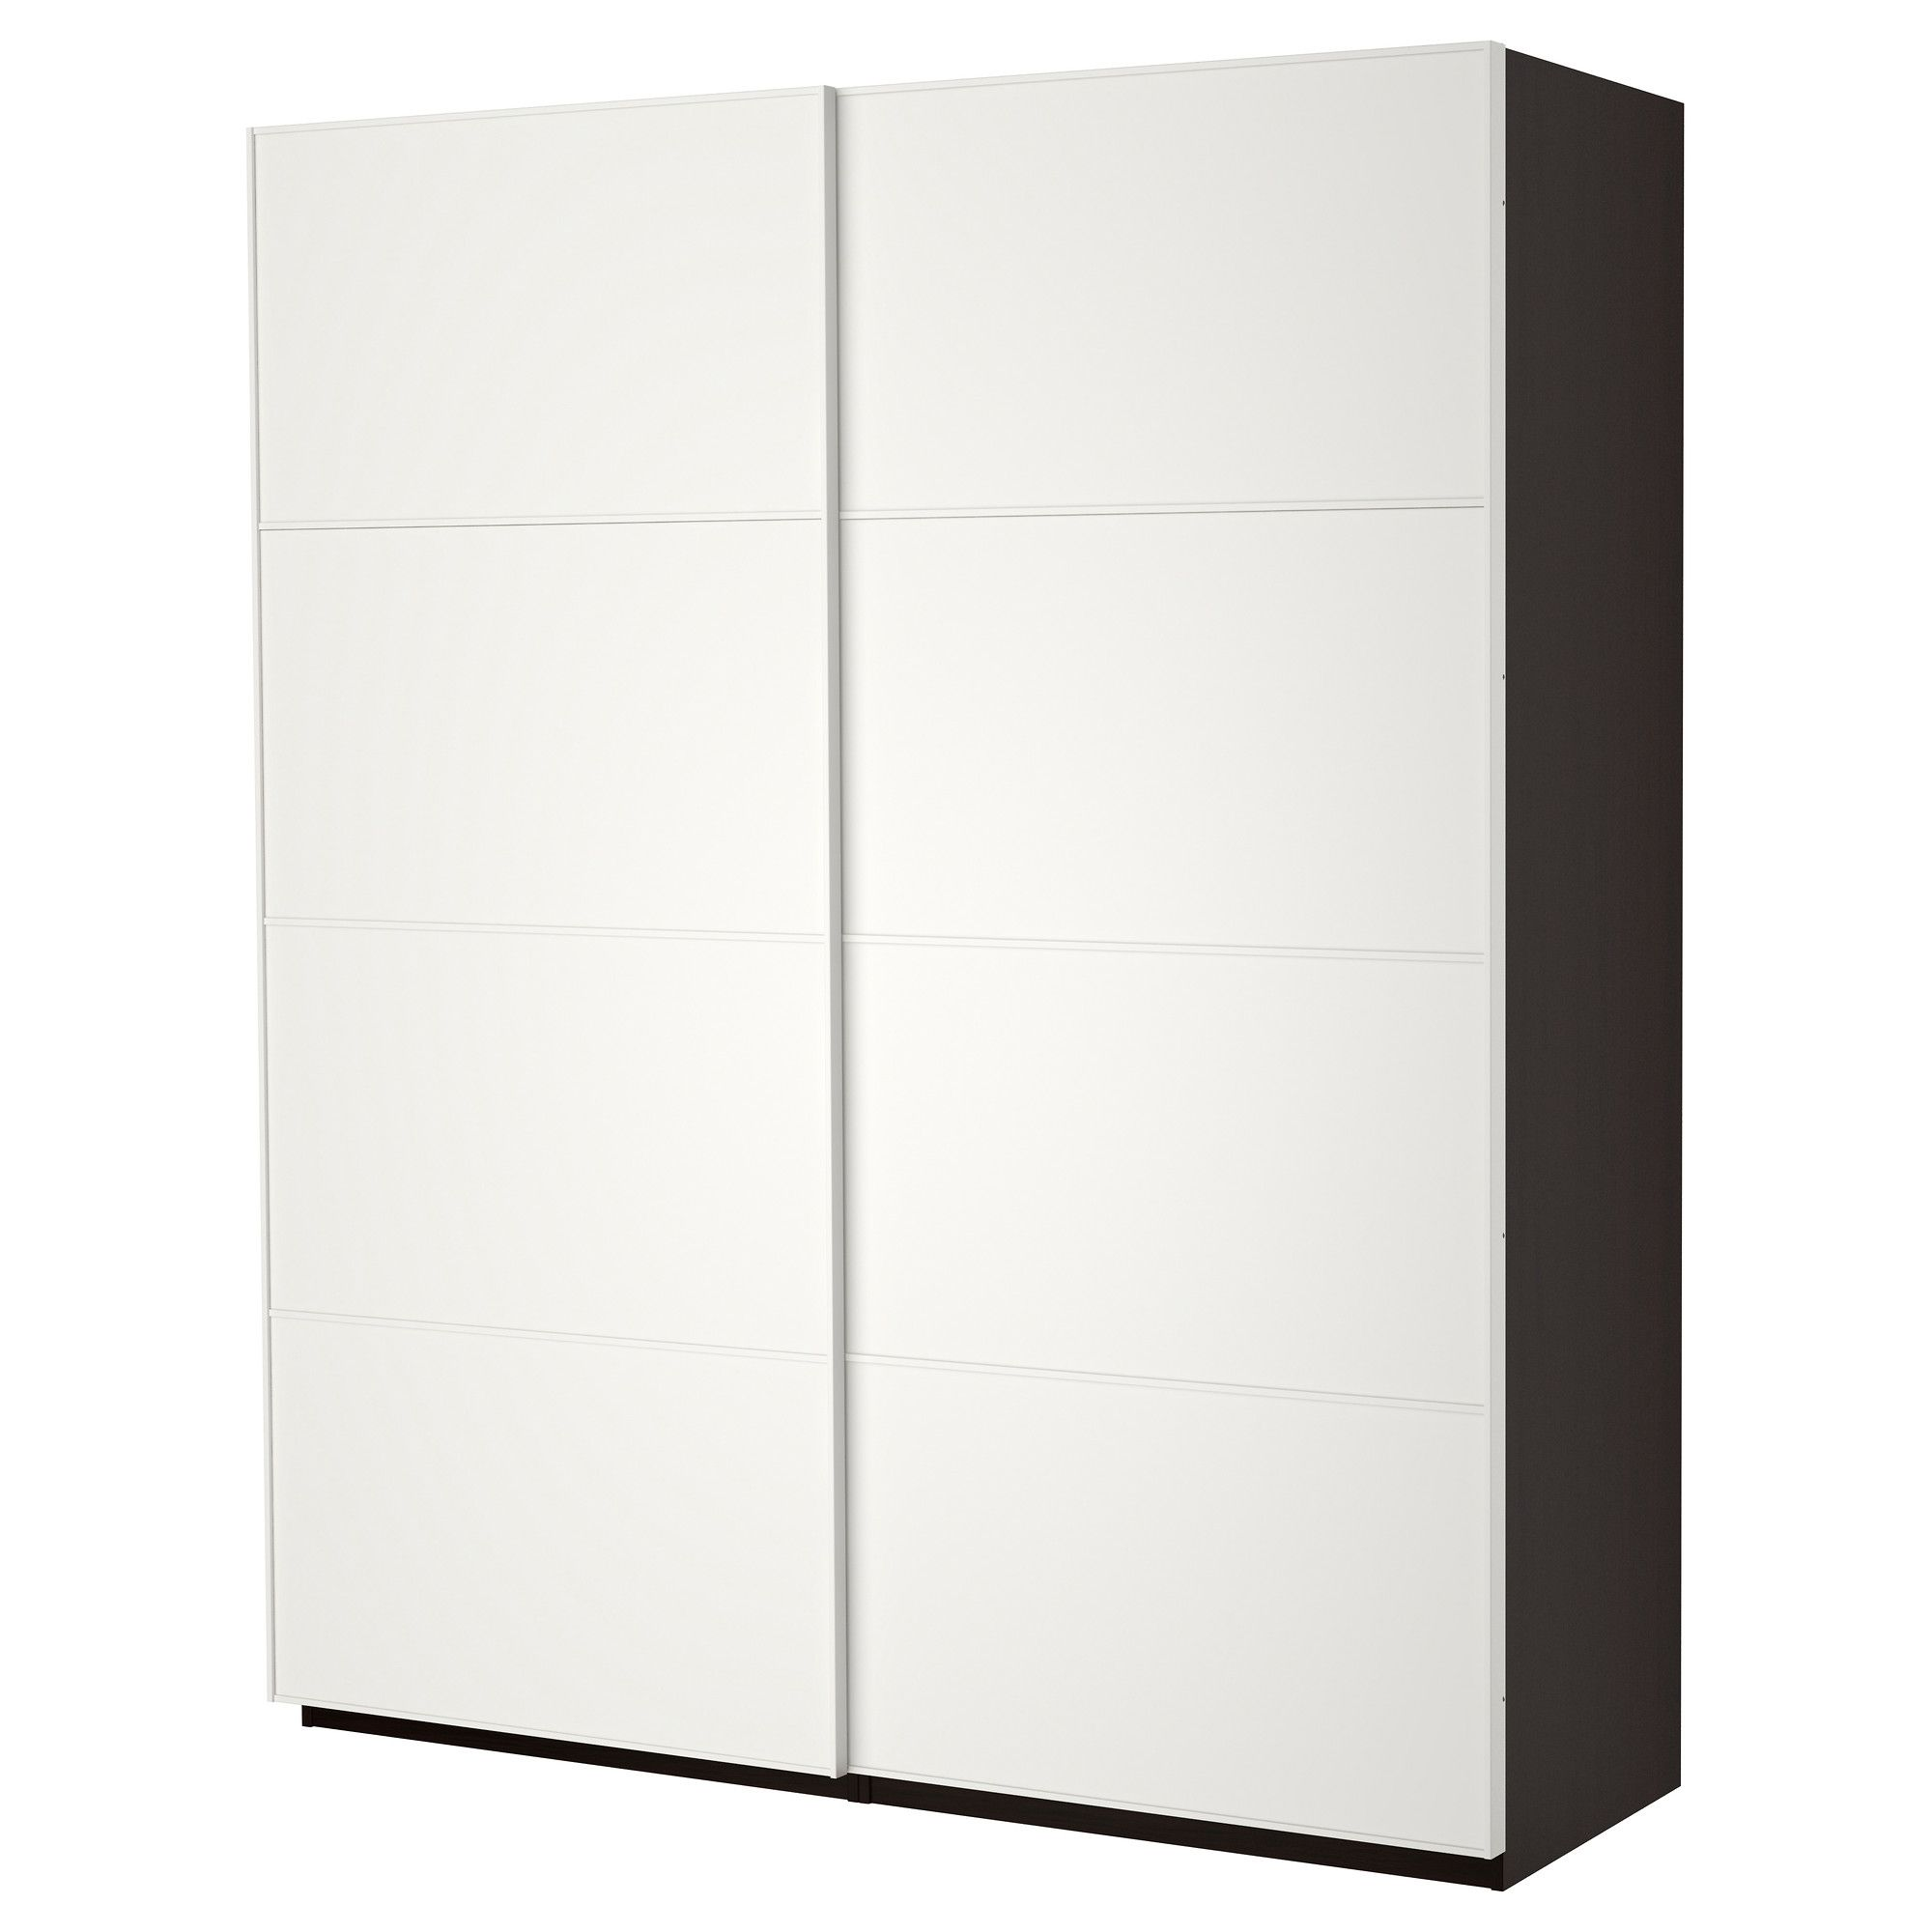 PAX Roupeiro c/portas deslizantes - pret-cast, 200x44x236 cm - IKEA